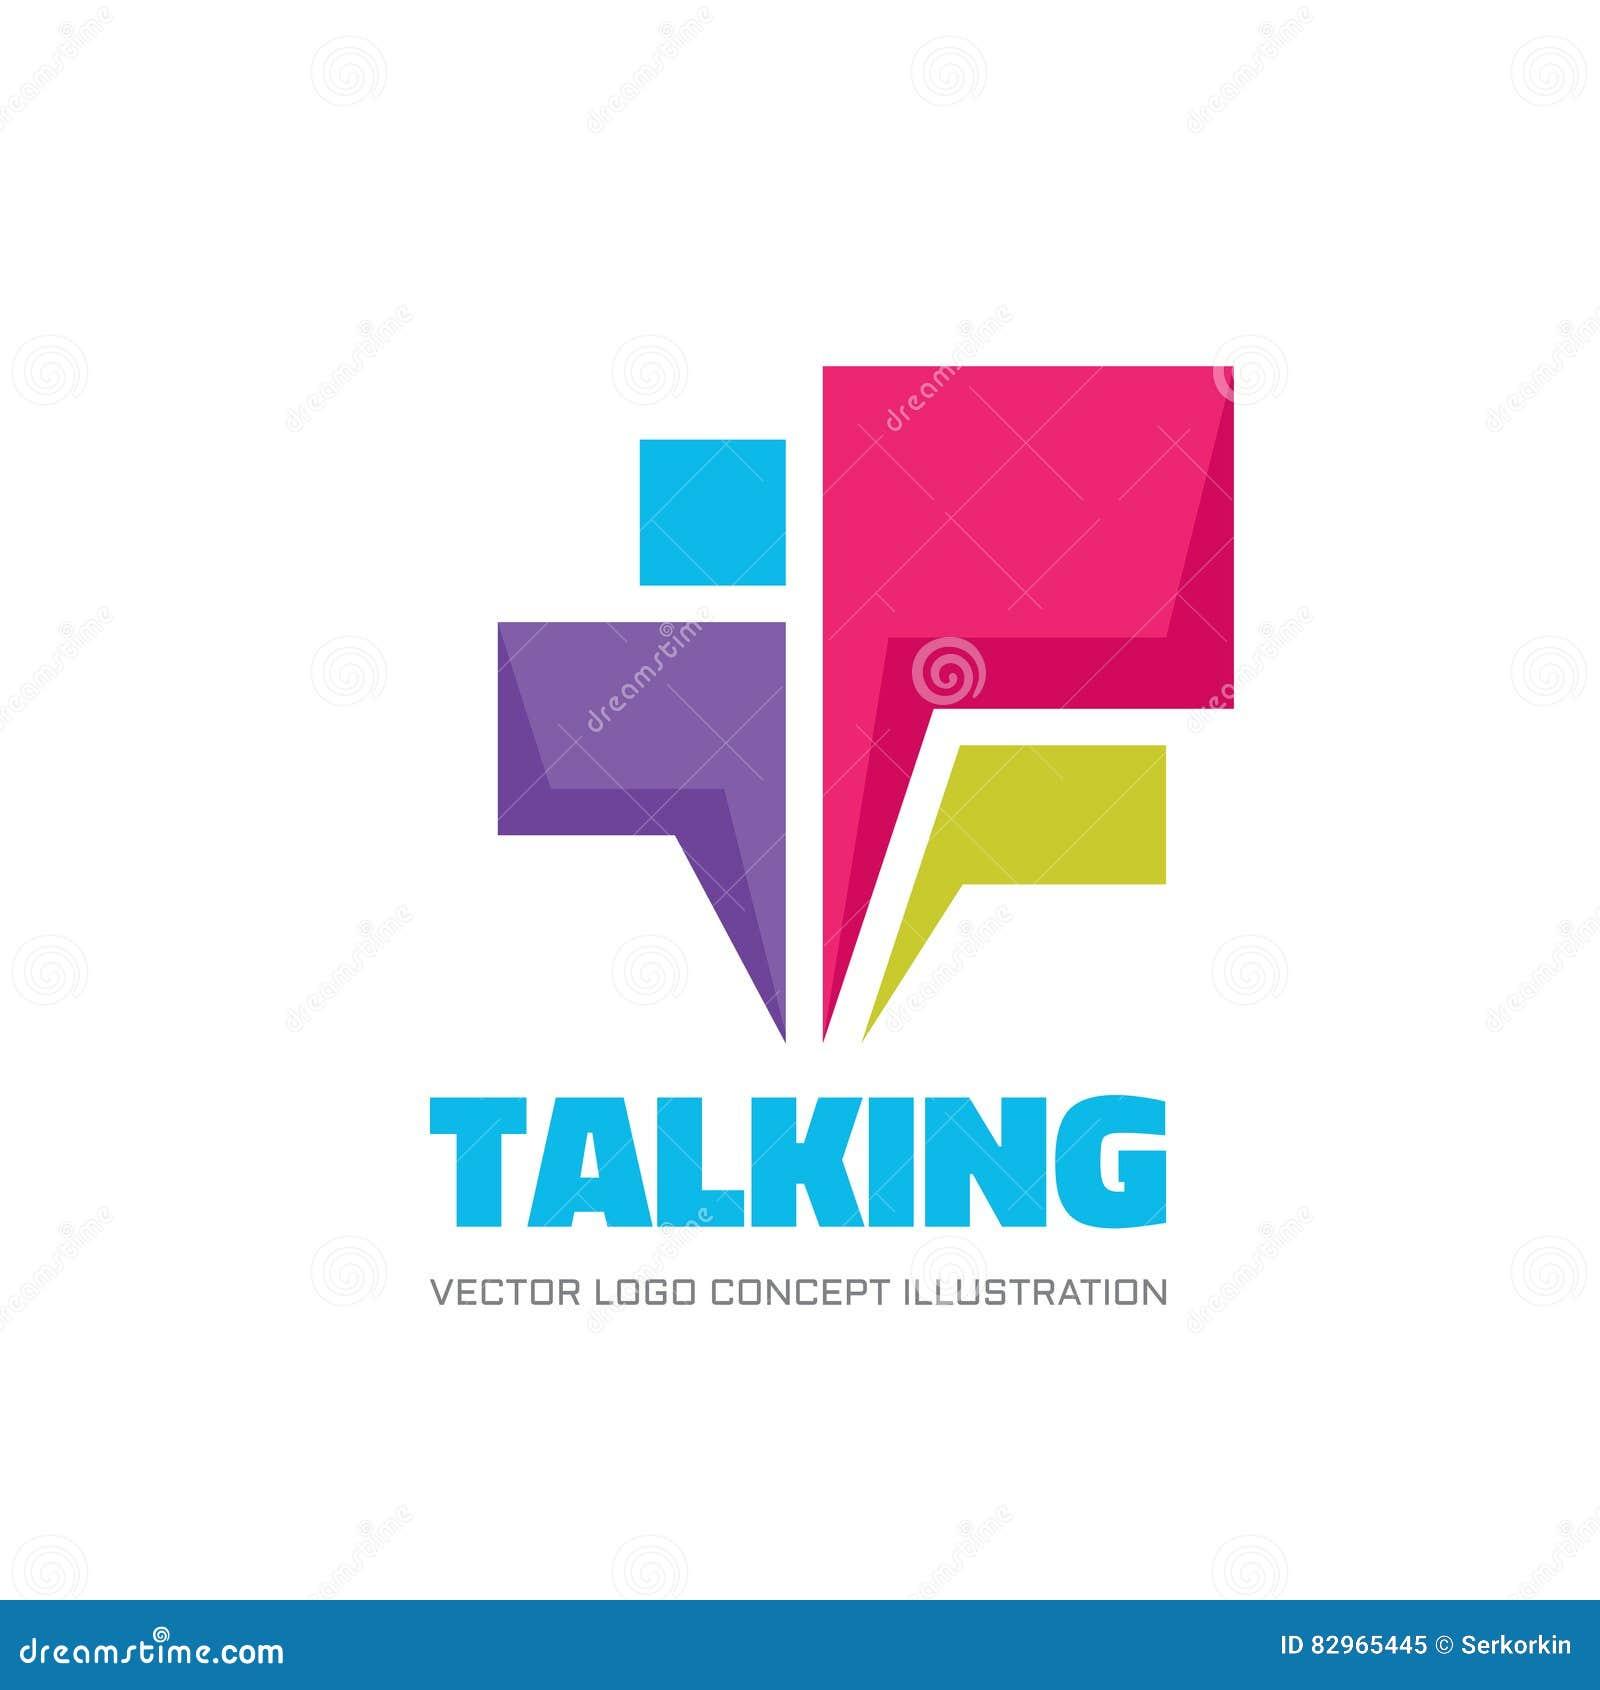 Говорить - речь клокочет иллюстрация концепции логотипа вектора в плоском стиле Значок диалога знак болтовни Социальный символ ср